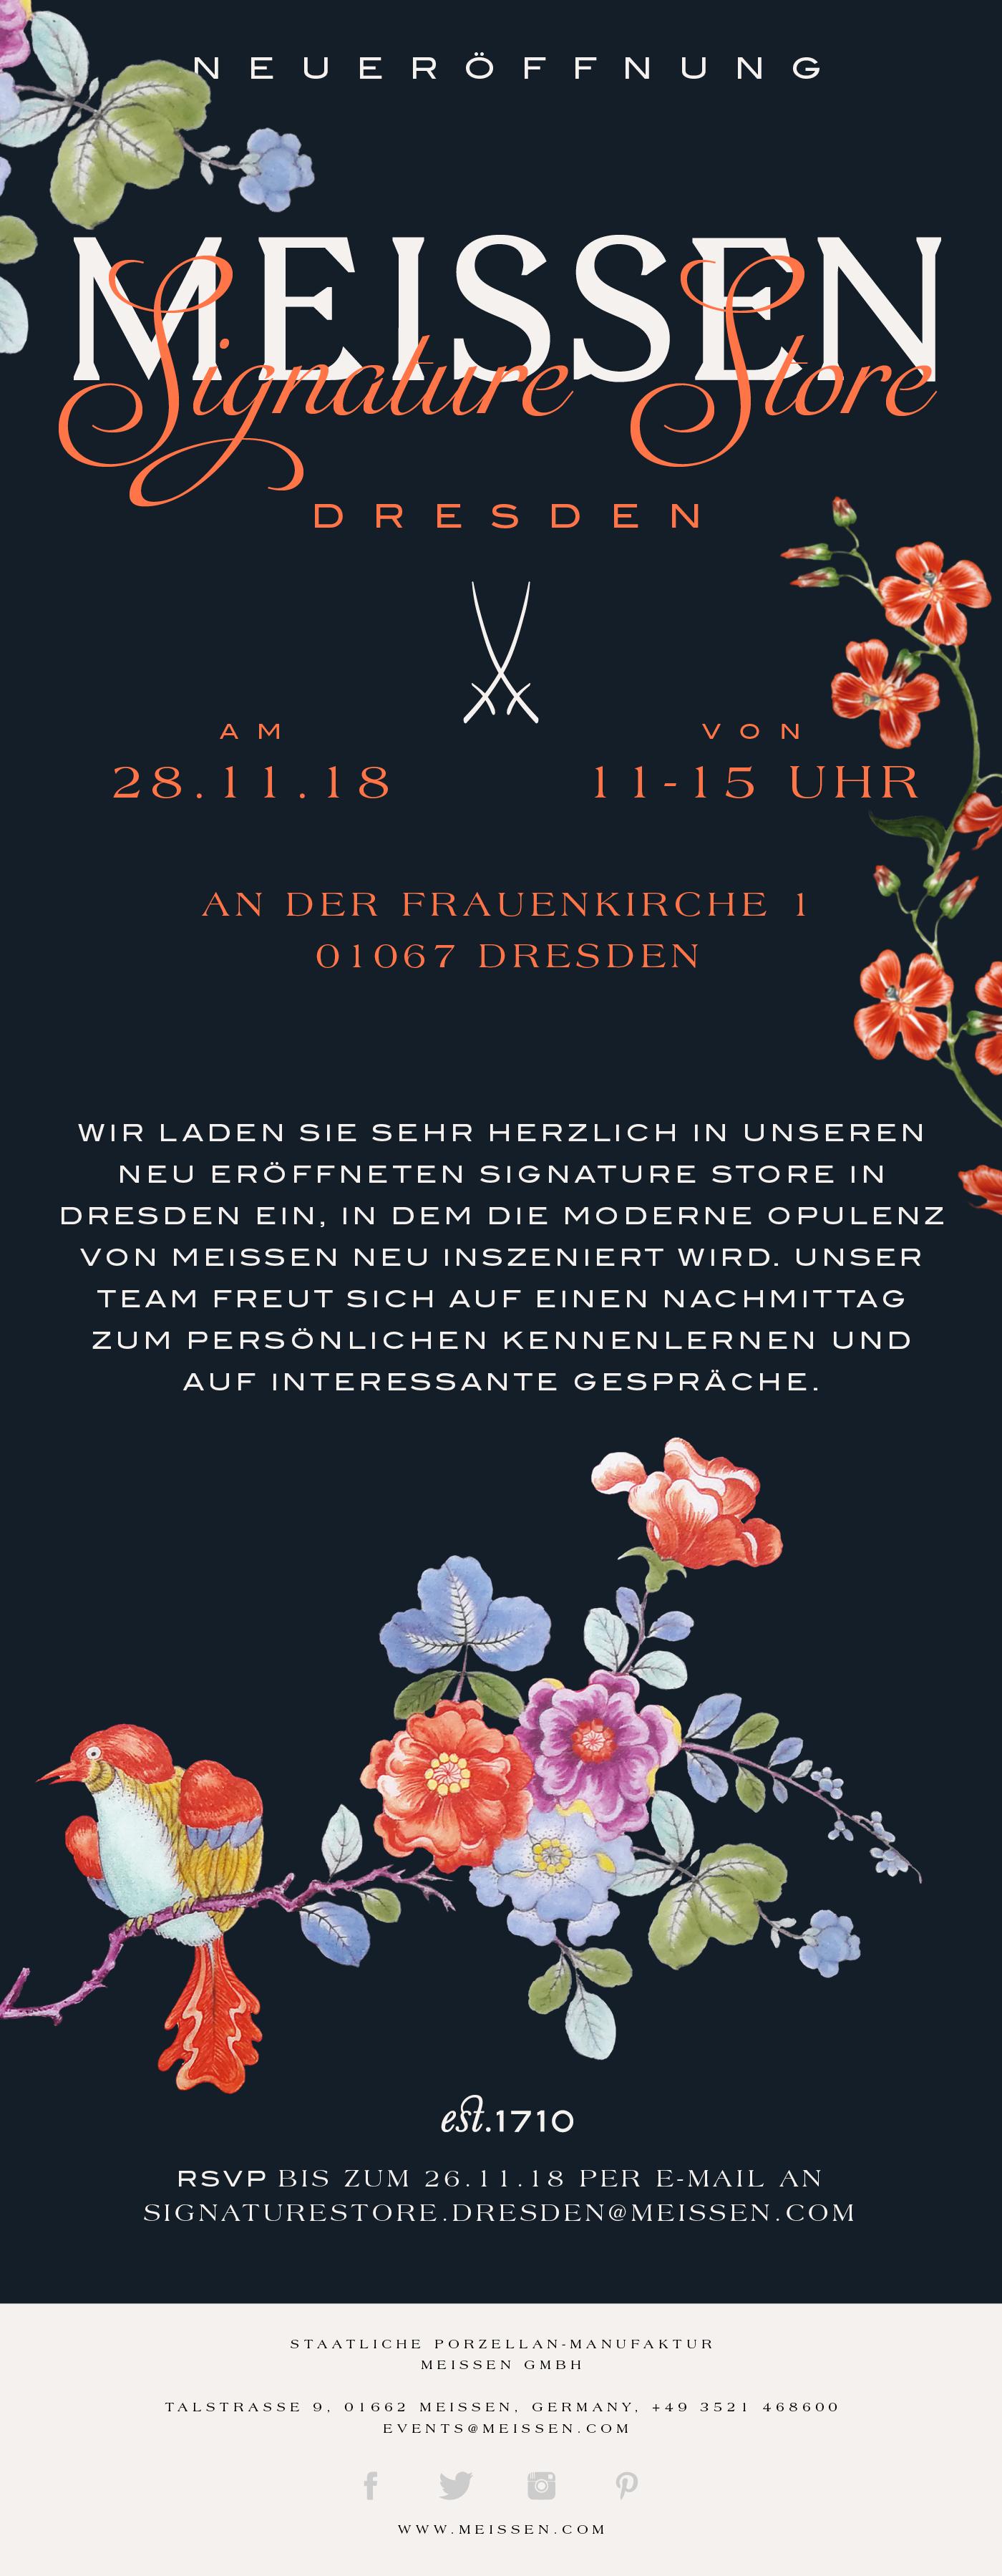 tg-meissen-signaturestoredresden-einladung-181120